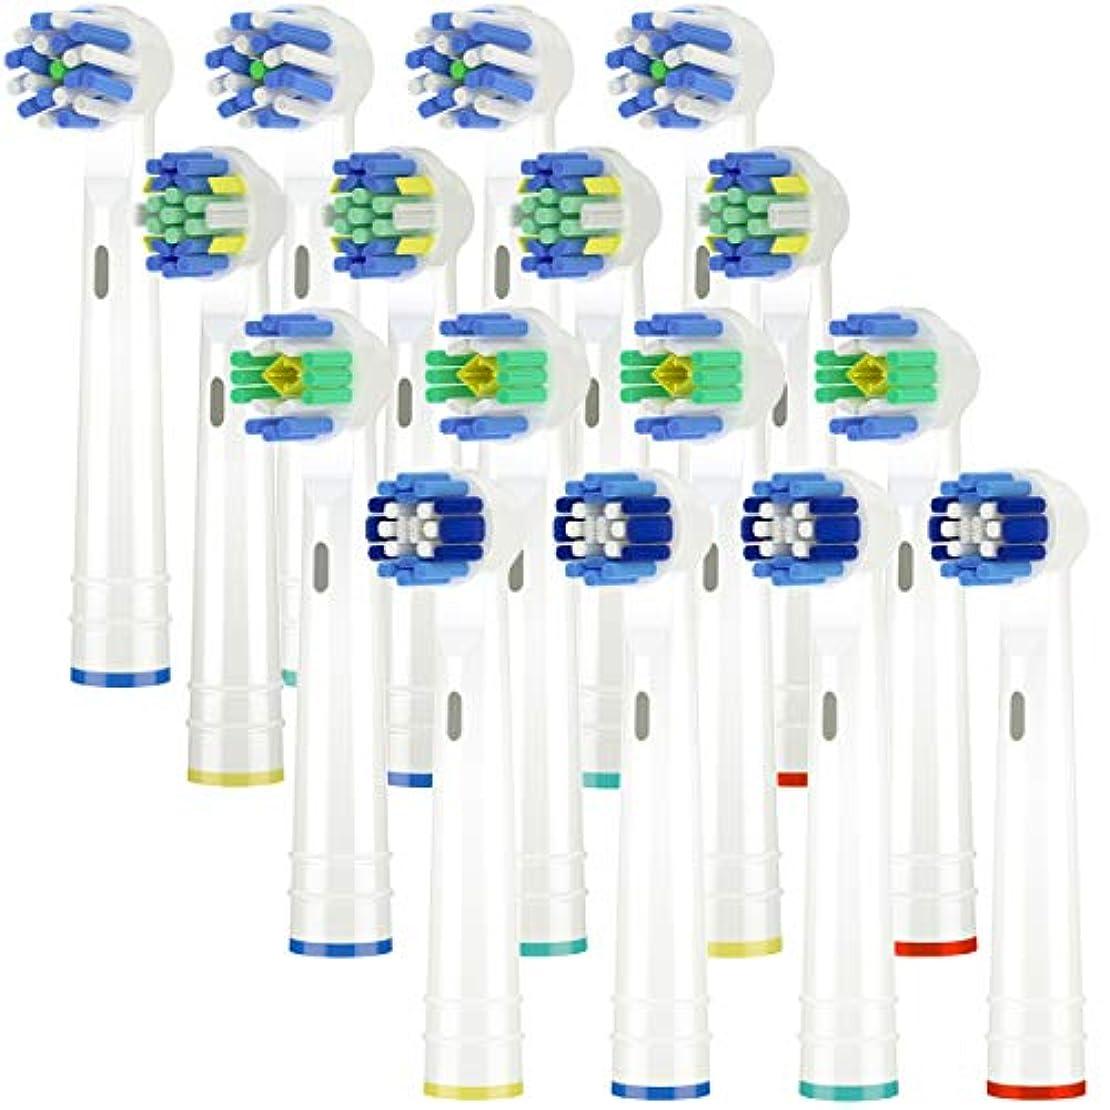 むしろエミュレートするエネルギーItechnik 電動歯ブラシ 替えブラシ ブラウン オーラルB 対応 替えブラシ 4種類が入り:ホワイトニングブラシ 、ベーシックブラシ、歯間ワイパー付きブラシ、マルチアクションブラシ 凡用な16本